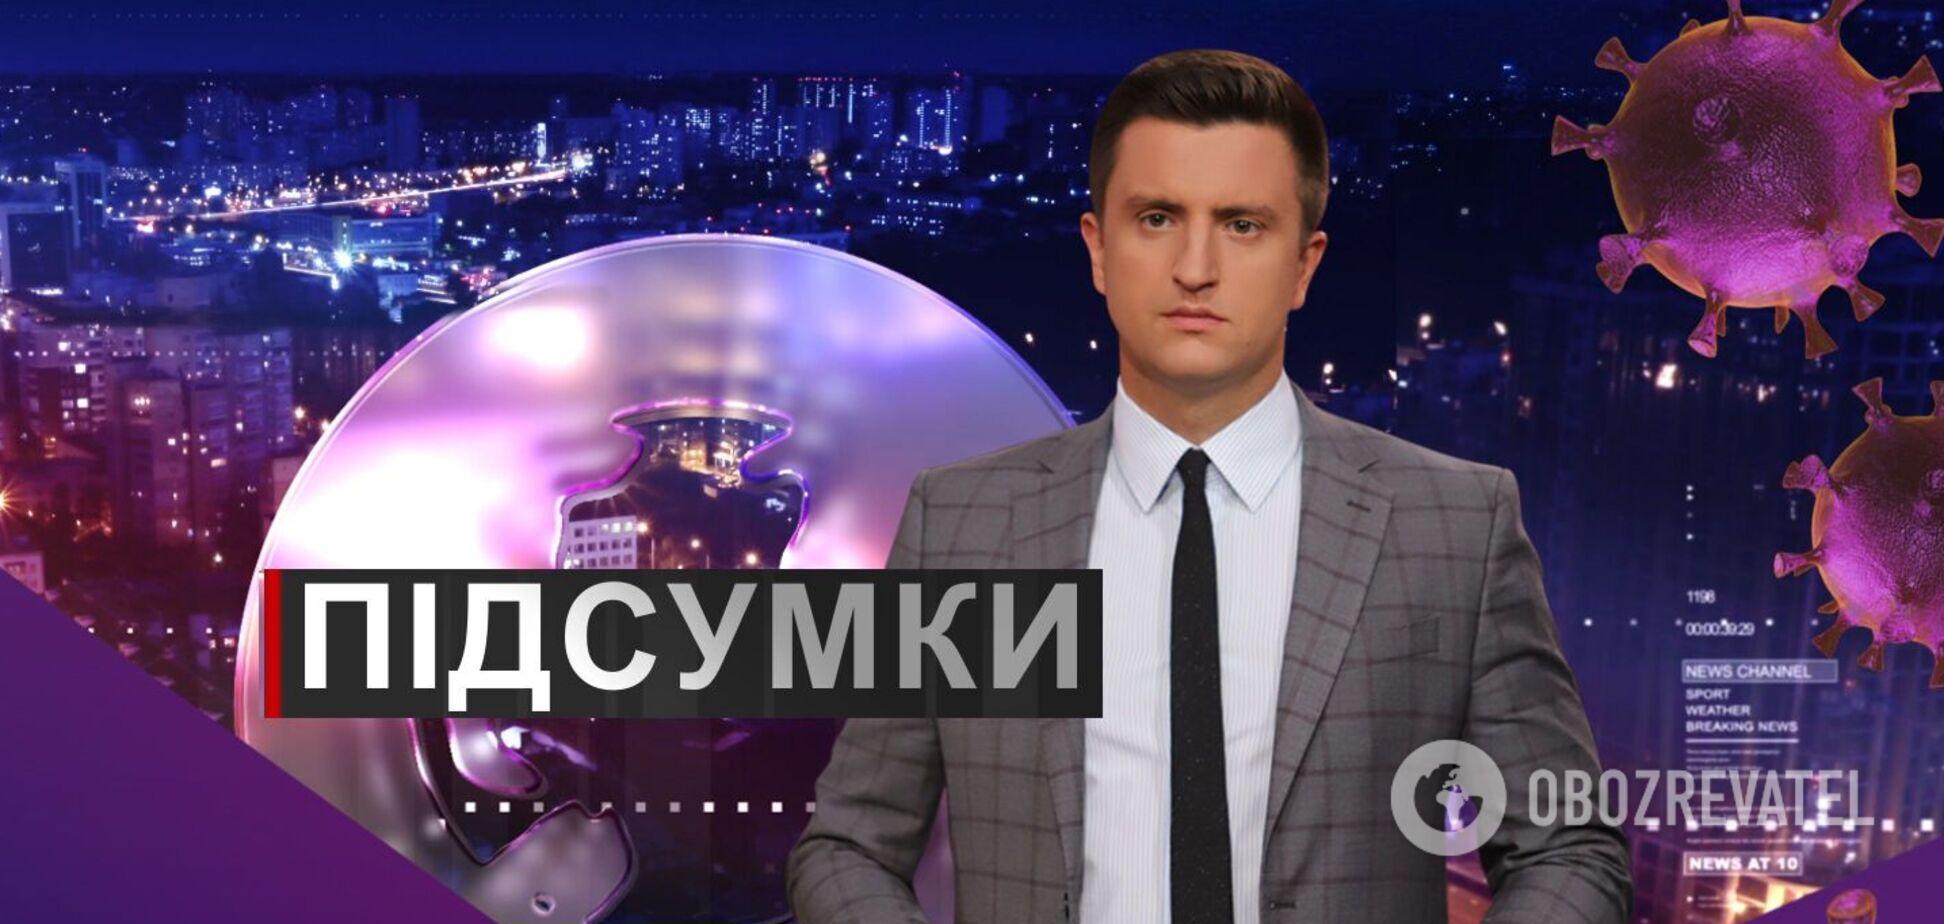 Підсумки дня з Вадимом Колодійчуком. Середа, 4 листопада